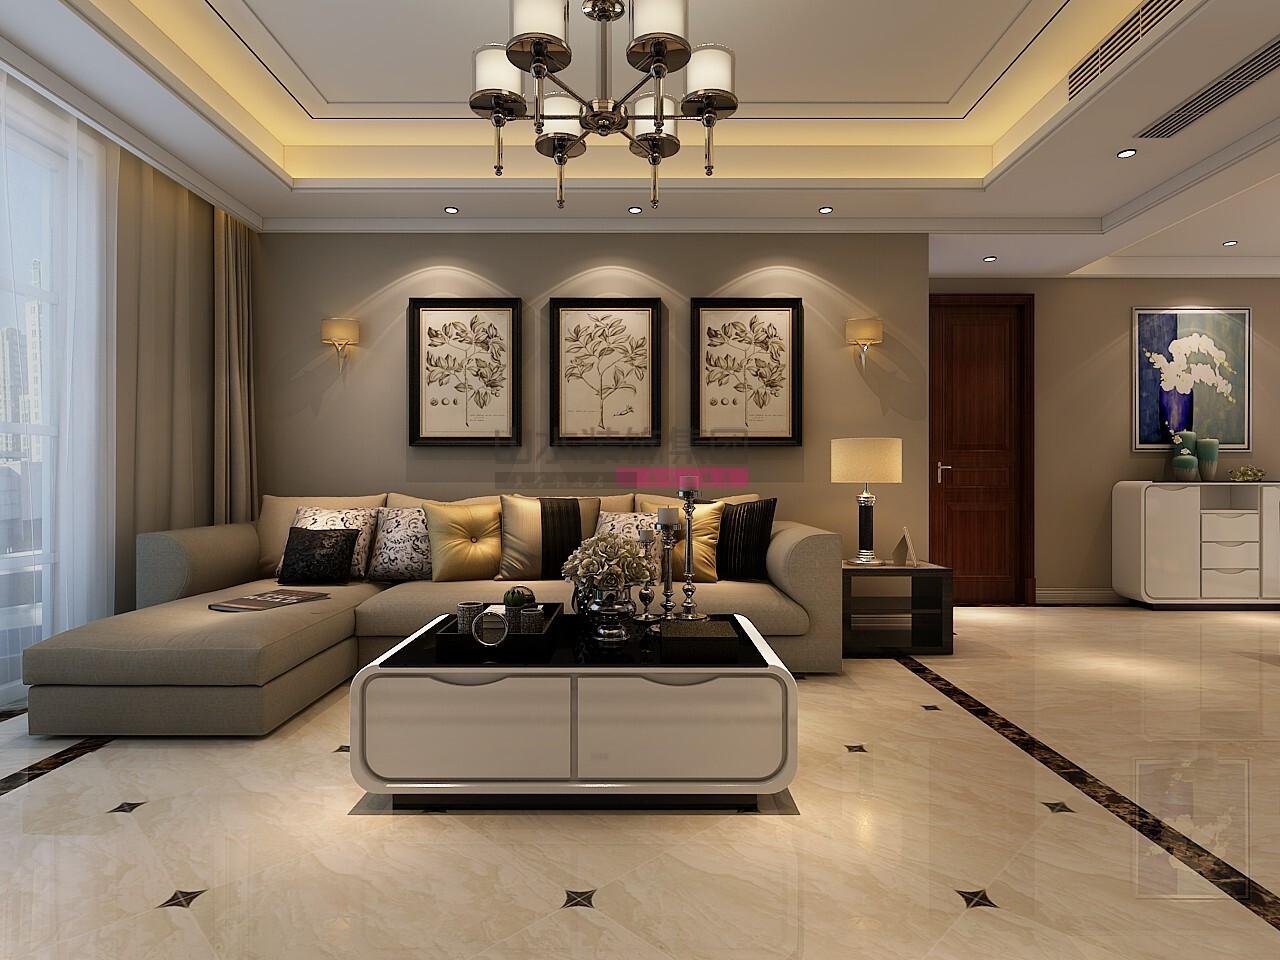 110平米现代三室两厅装修效果图